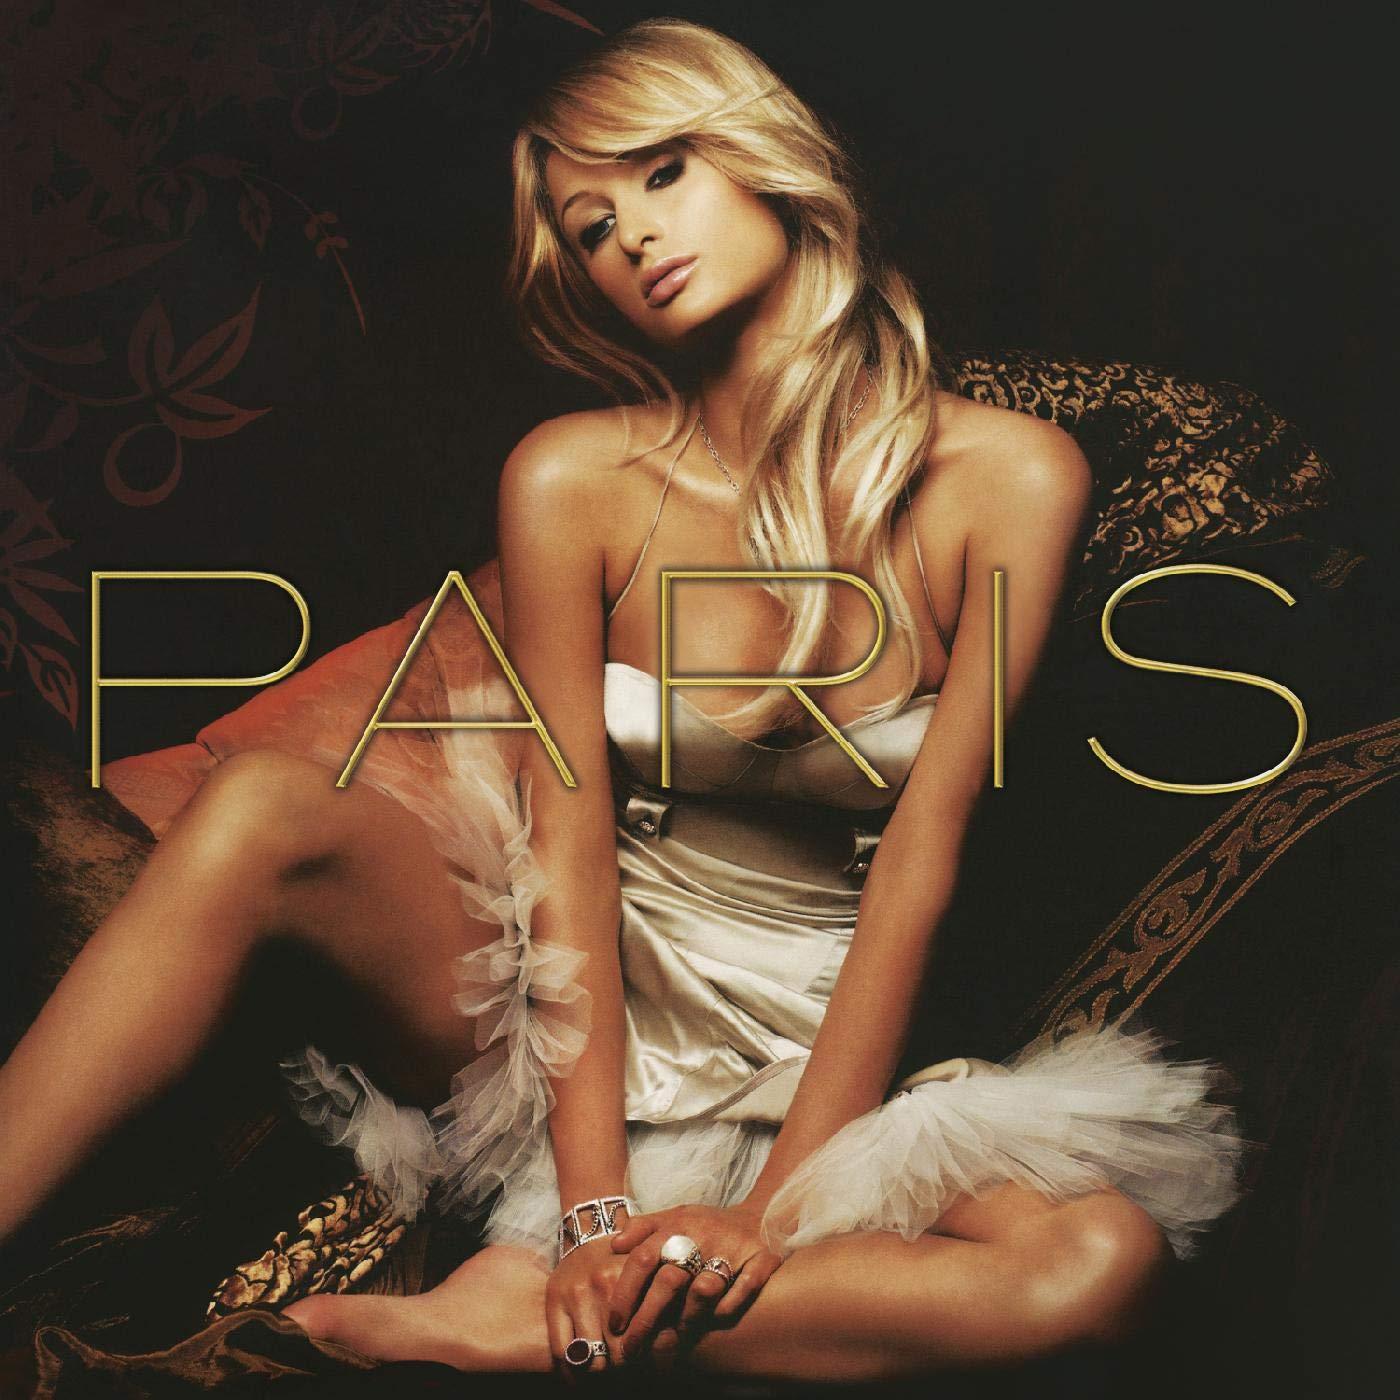 Paris Hilton album cover